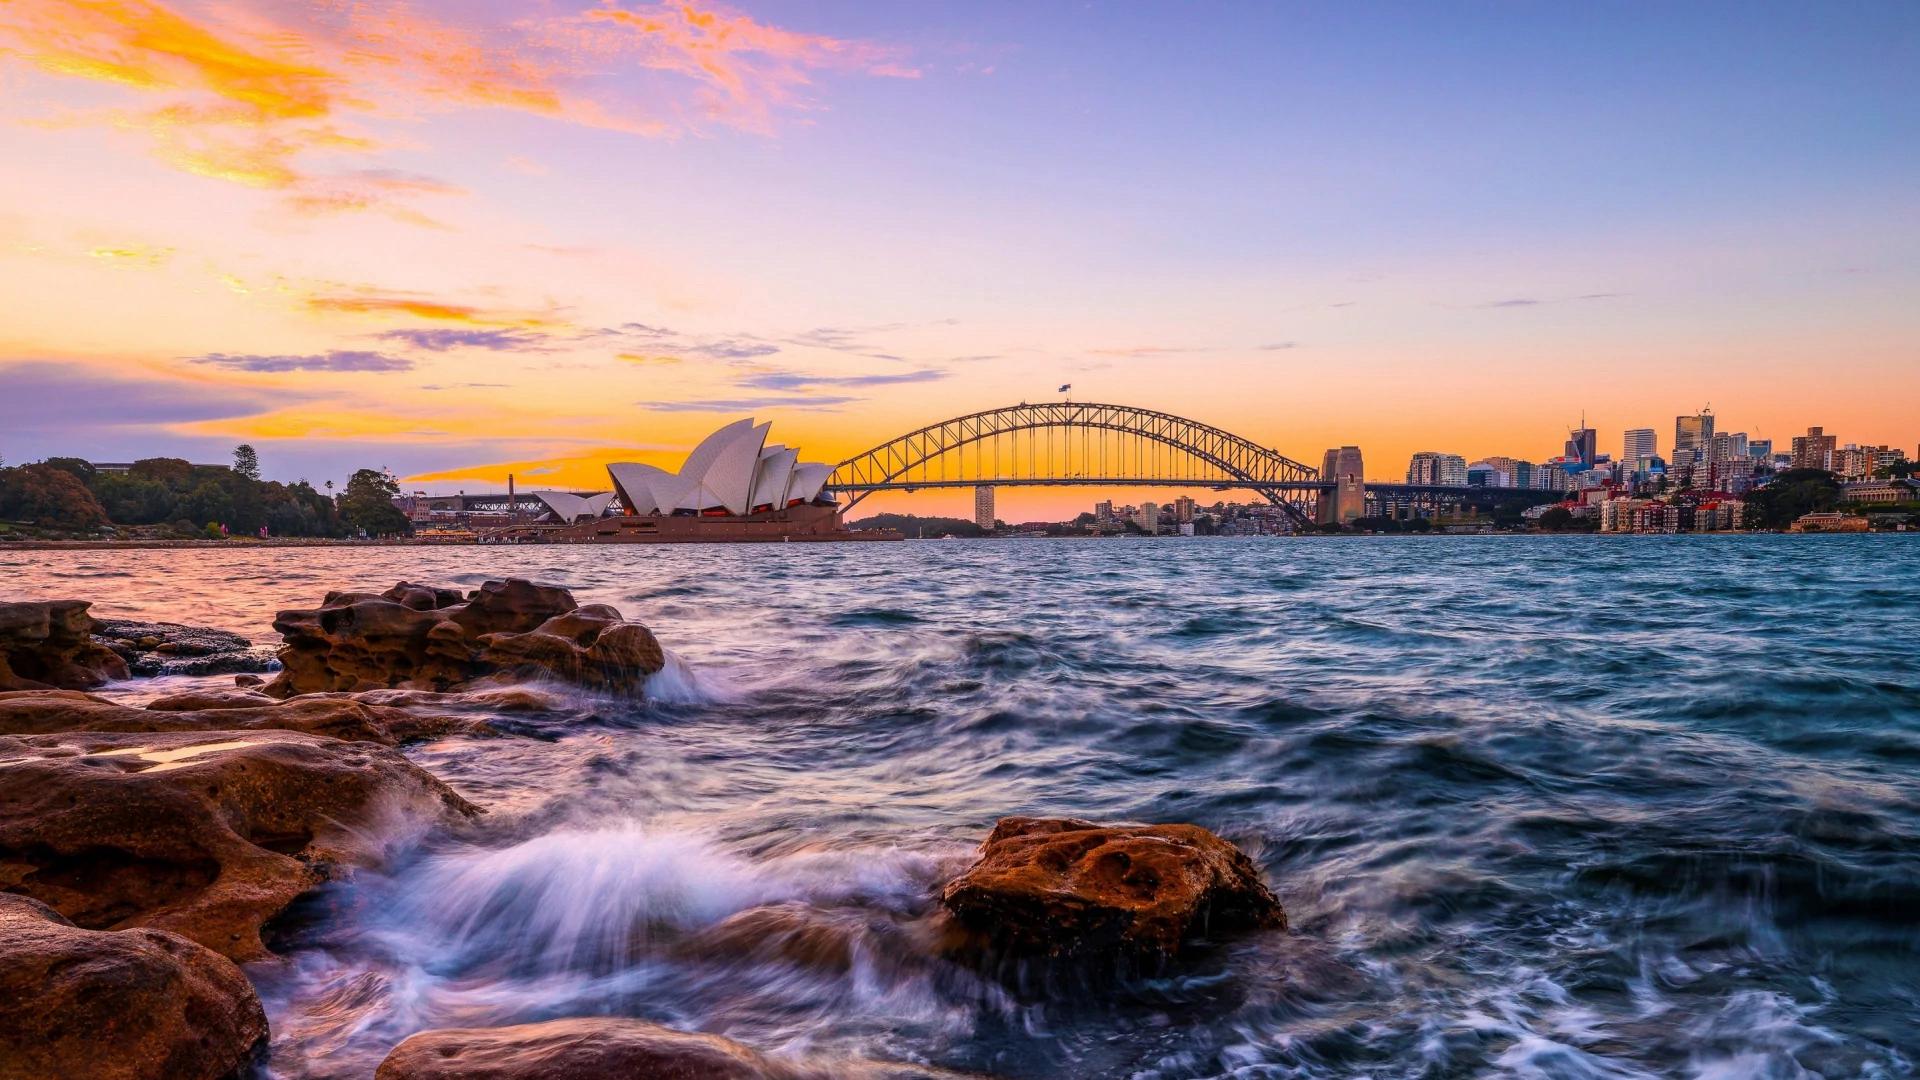 Se puede viajar desde o hacia Australia: casi imposible